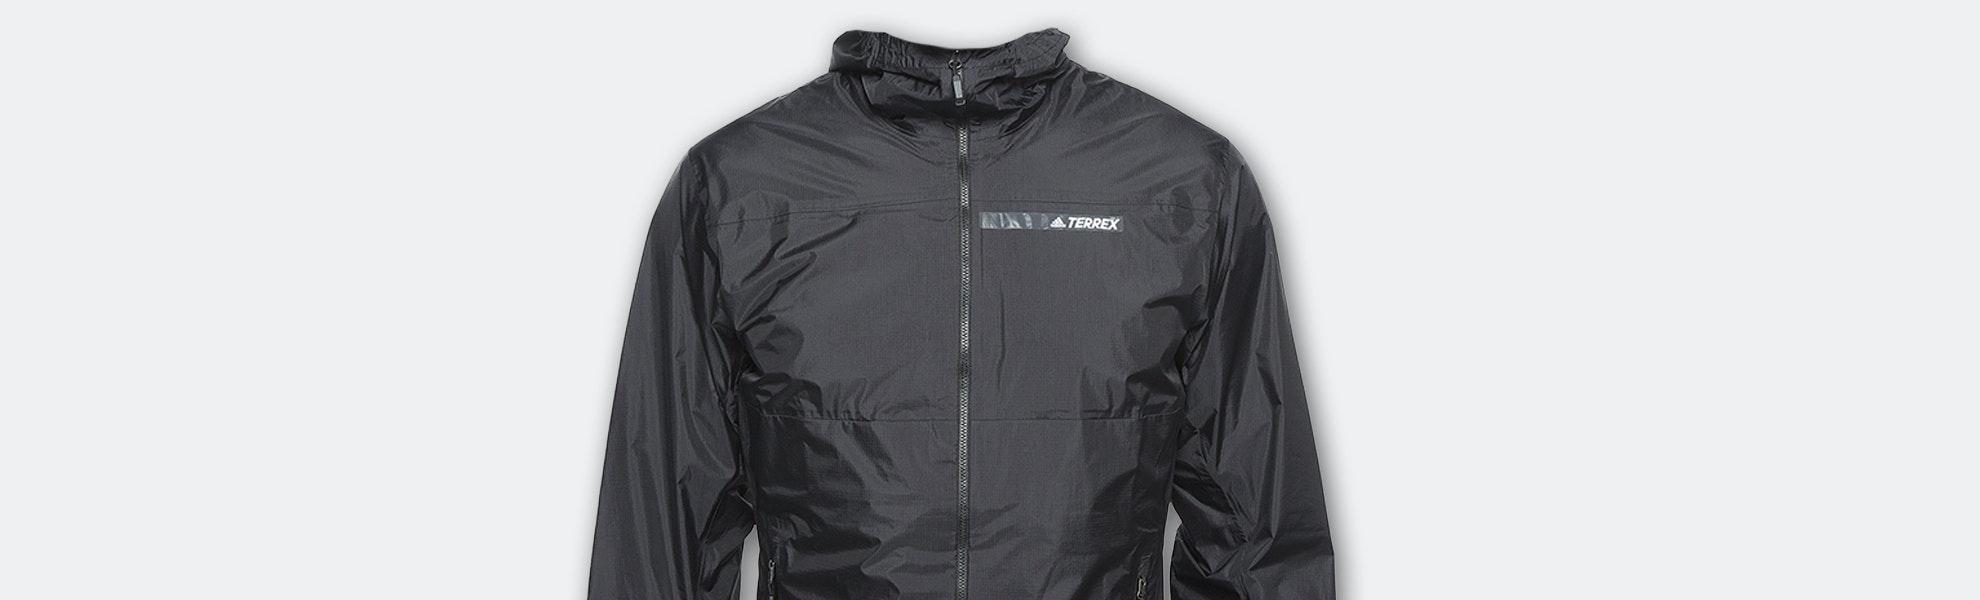 Adidas Men's Fastpack & Women's Multi 2.5L Jackets